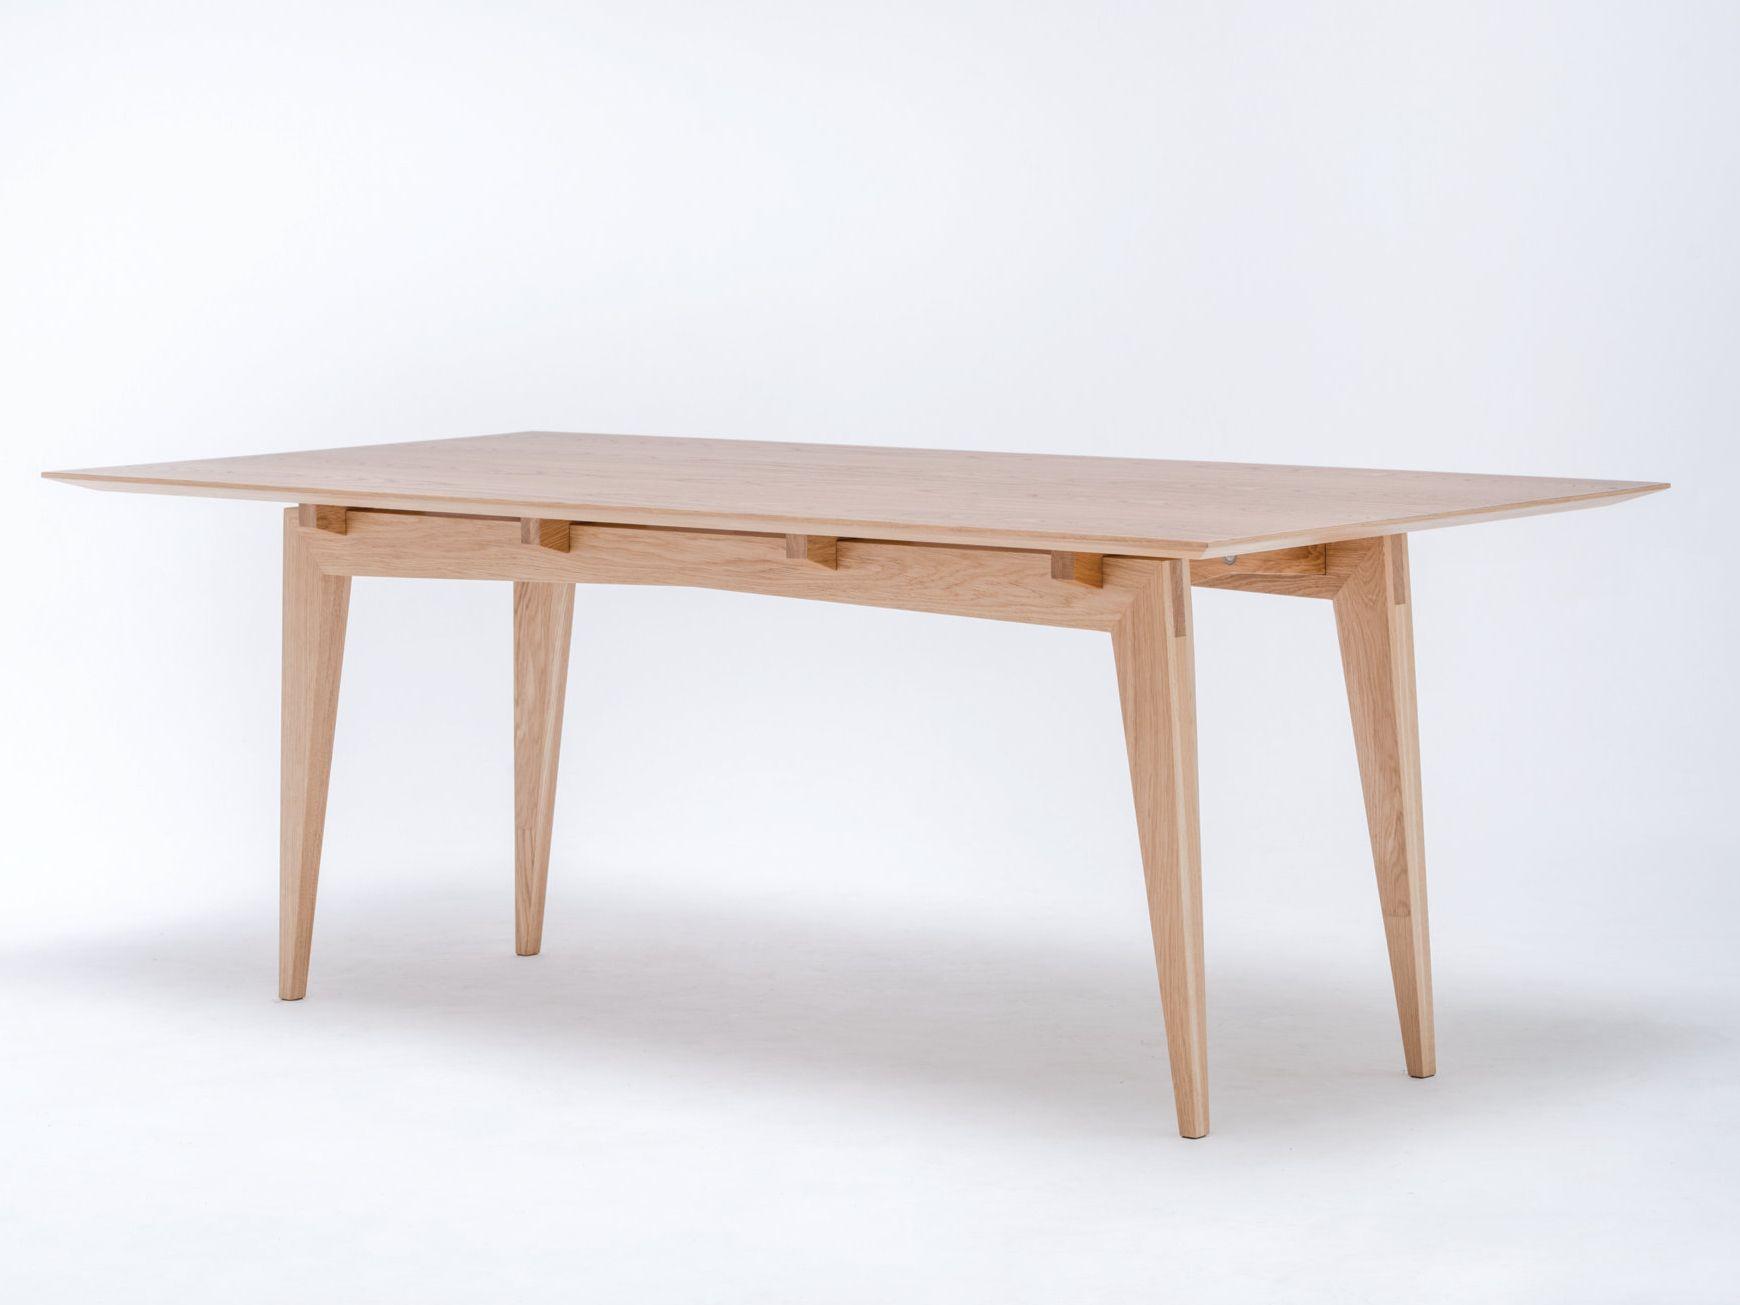 Dimensioni tavolo pranzo 12 persone ispirazione di - Dimensioni tavolo ...